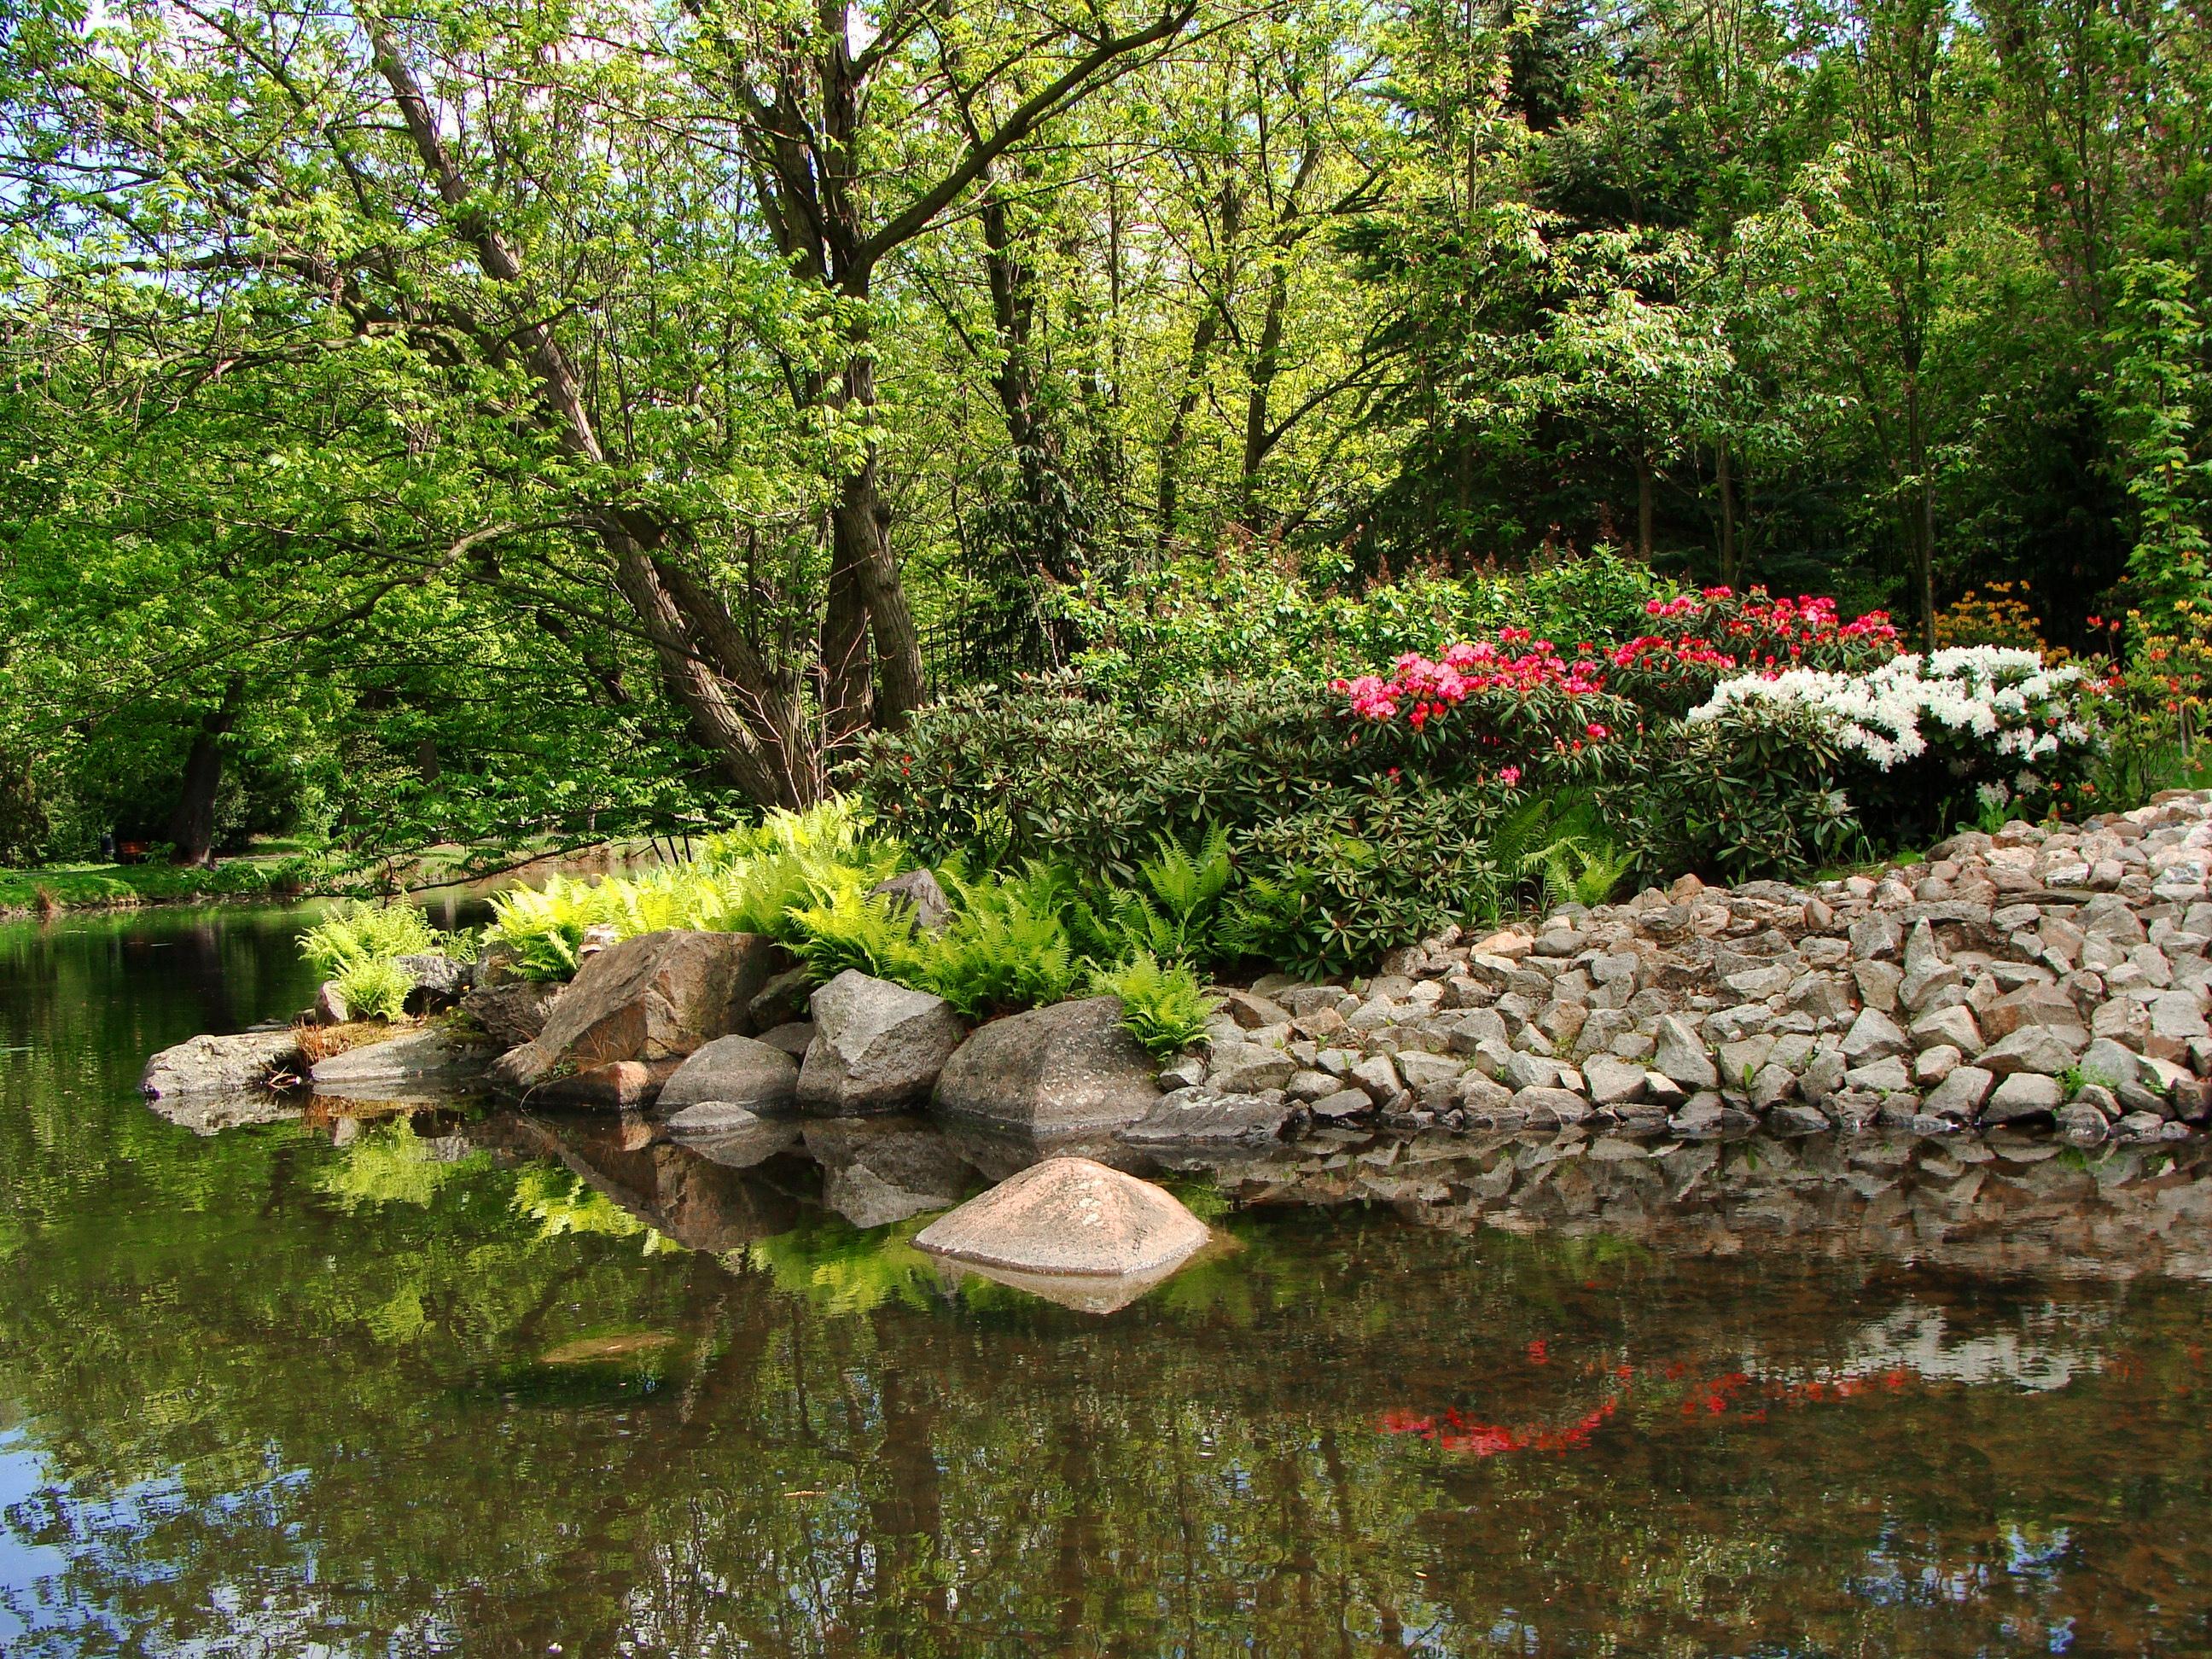 96461 скачать обои Природа, Парк, Пруд, Деревья, Камни, Пейзаж - заставки и картинки бесплатно